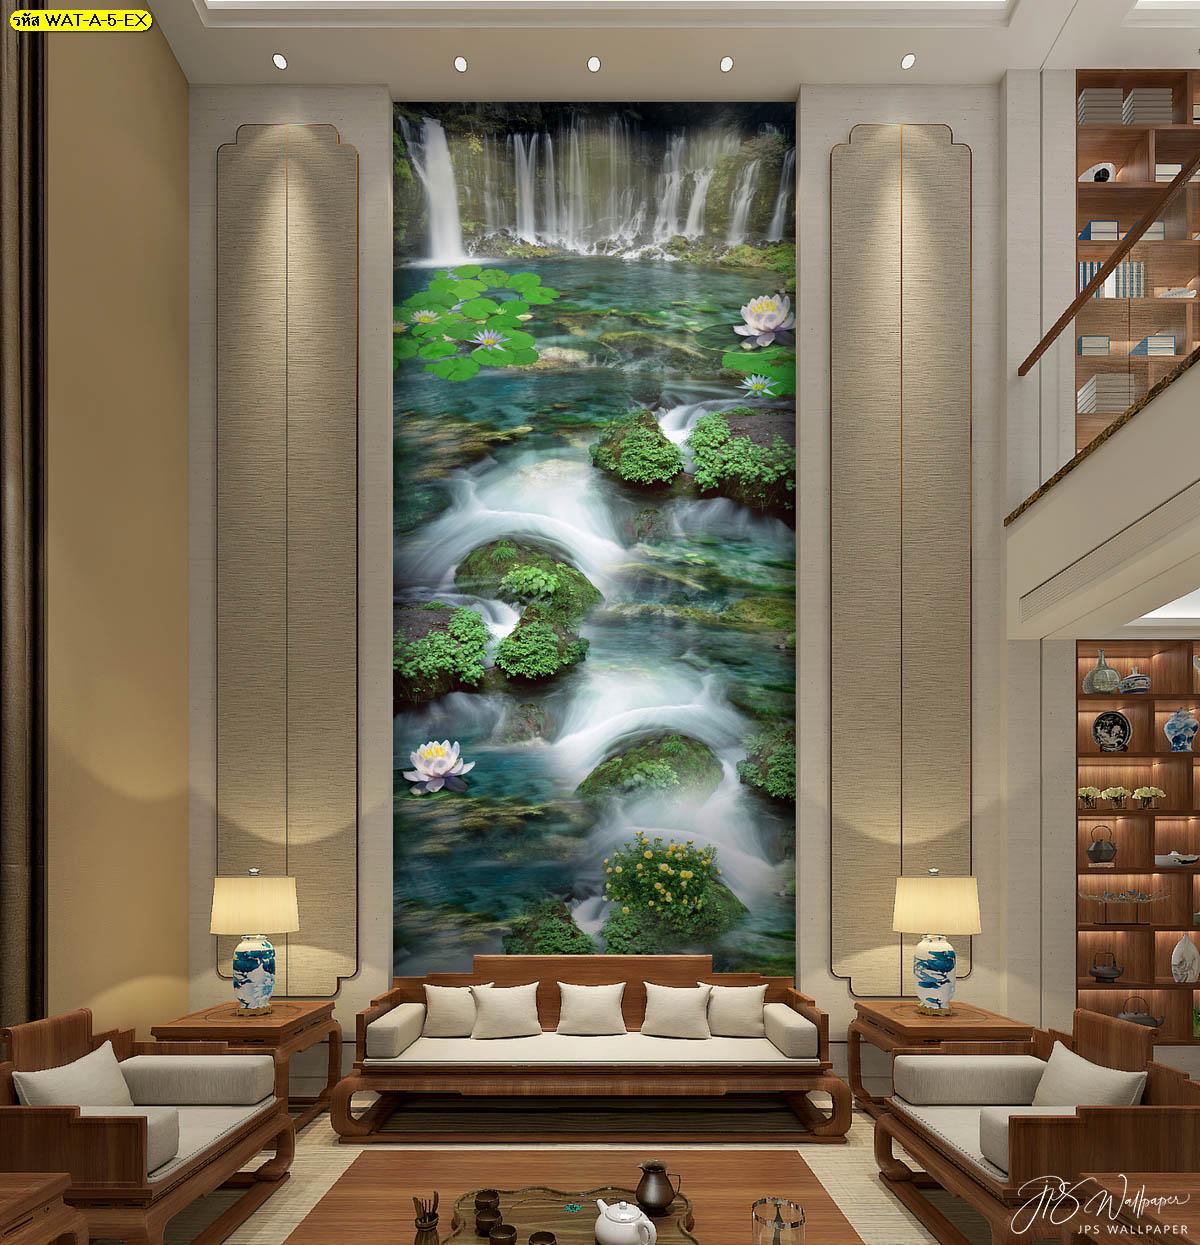 สั่งทำวอลเปเปอร์ธารน้ำตกและดอกบัว ภาพน้ำตกมงคลสดชื่น อุปกรณ์แต่งบ้านสไตล์จีน